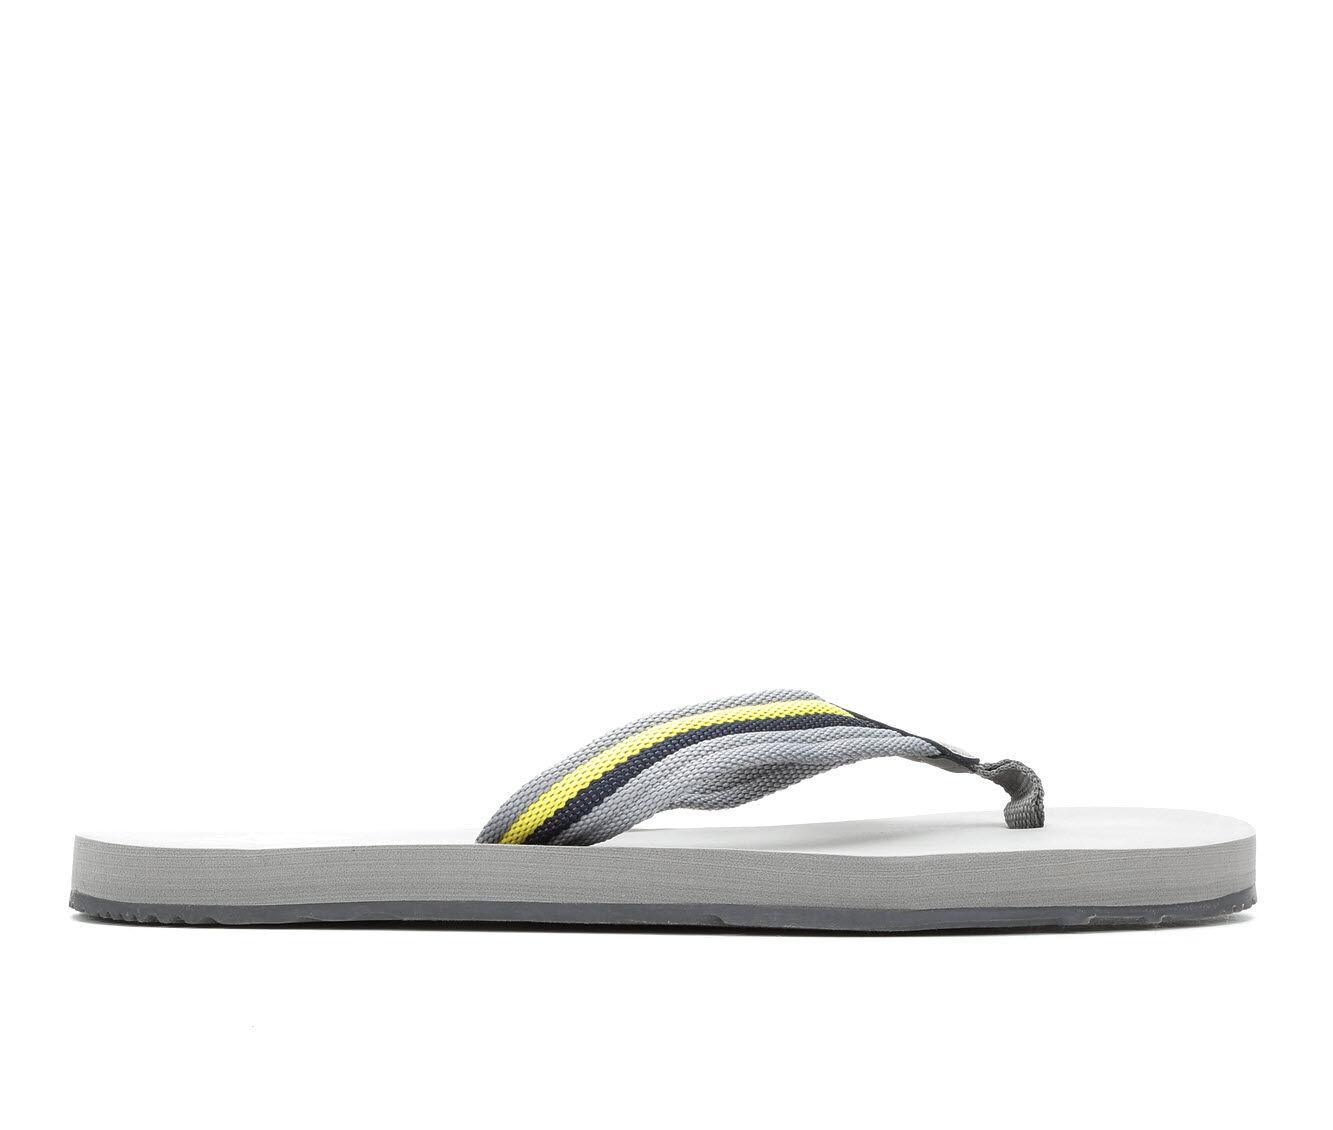 UK Sale Men's Sperry Topsail Thong Flip-Flops Grey/Yellow